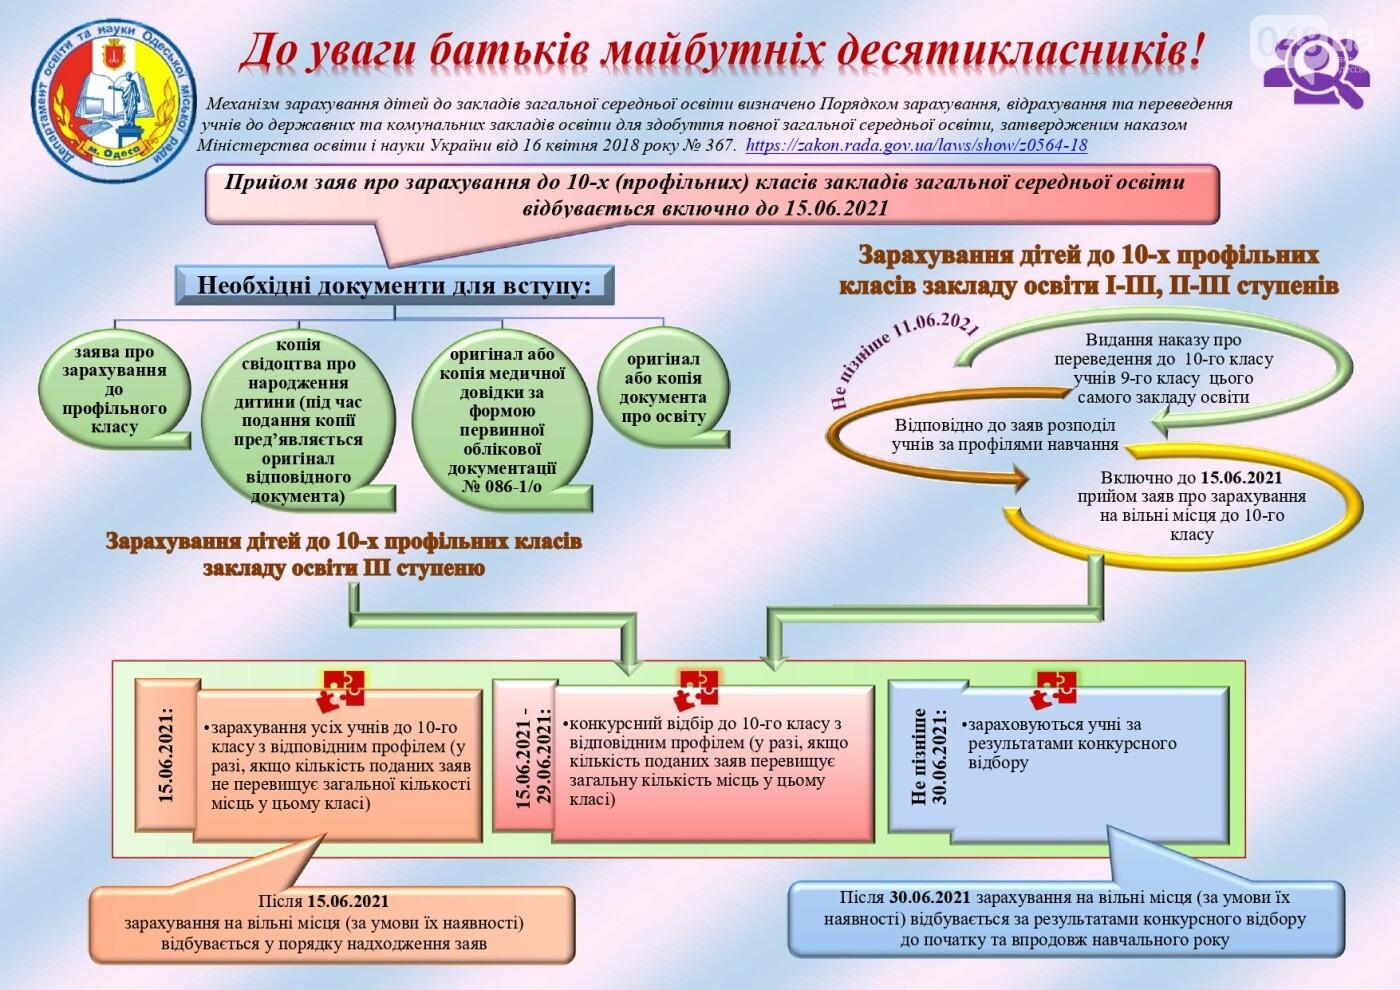 С апреля в Одессе стартует компания по зачислению детей в школы, фото-3